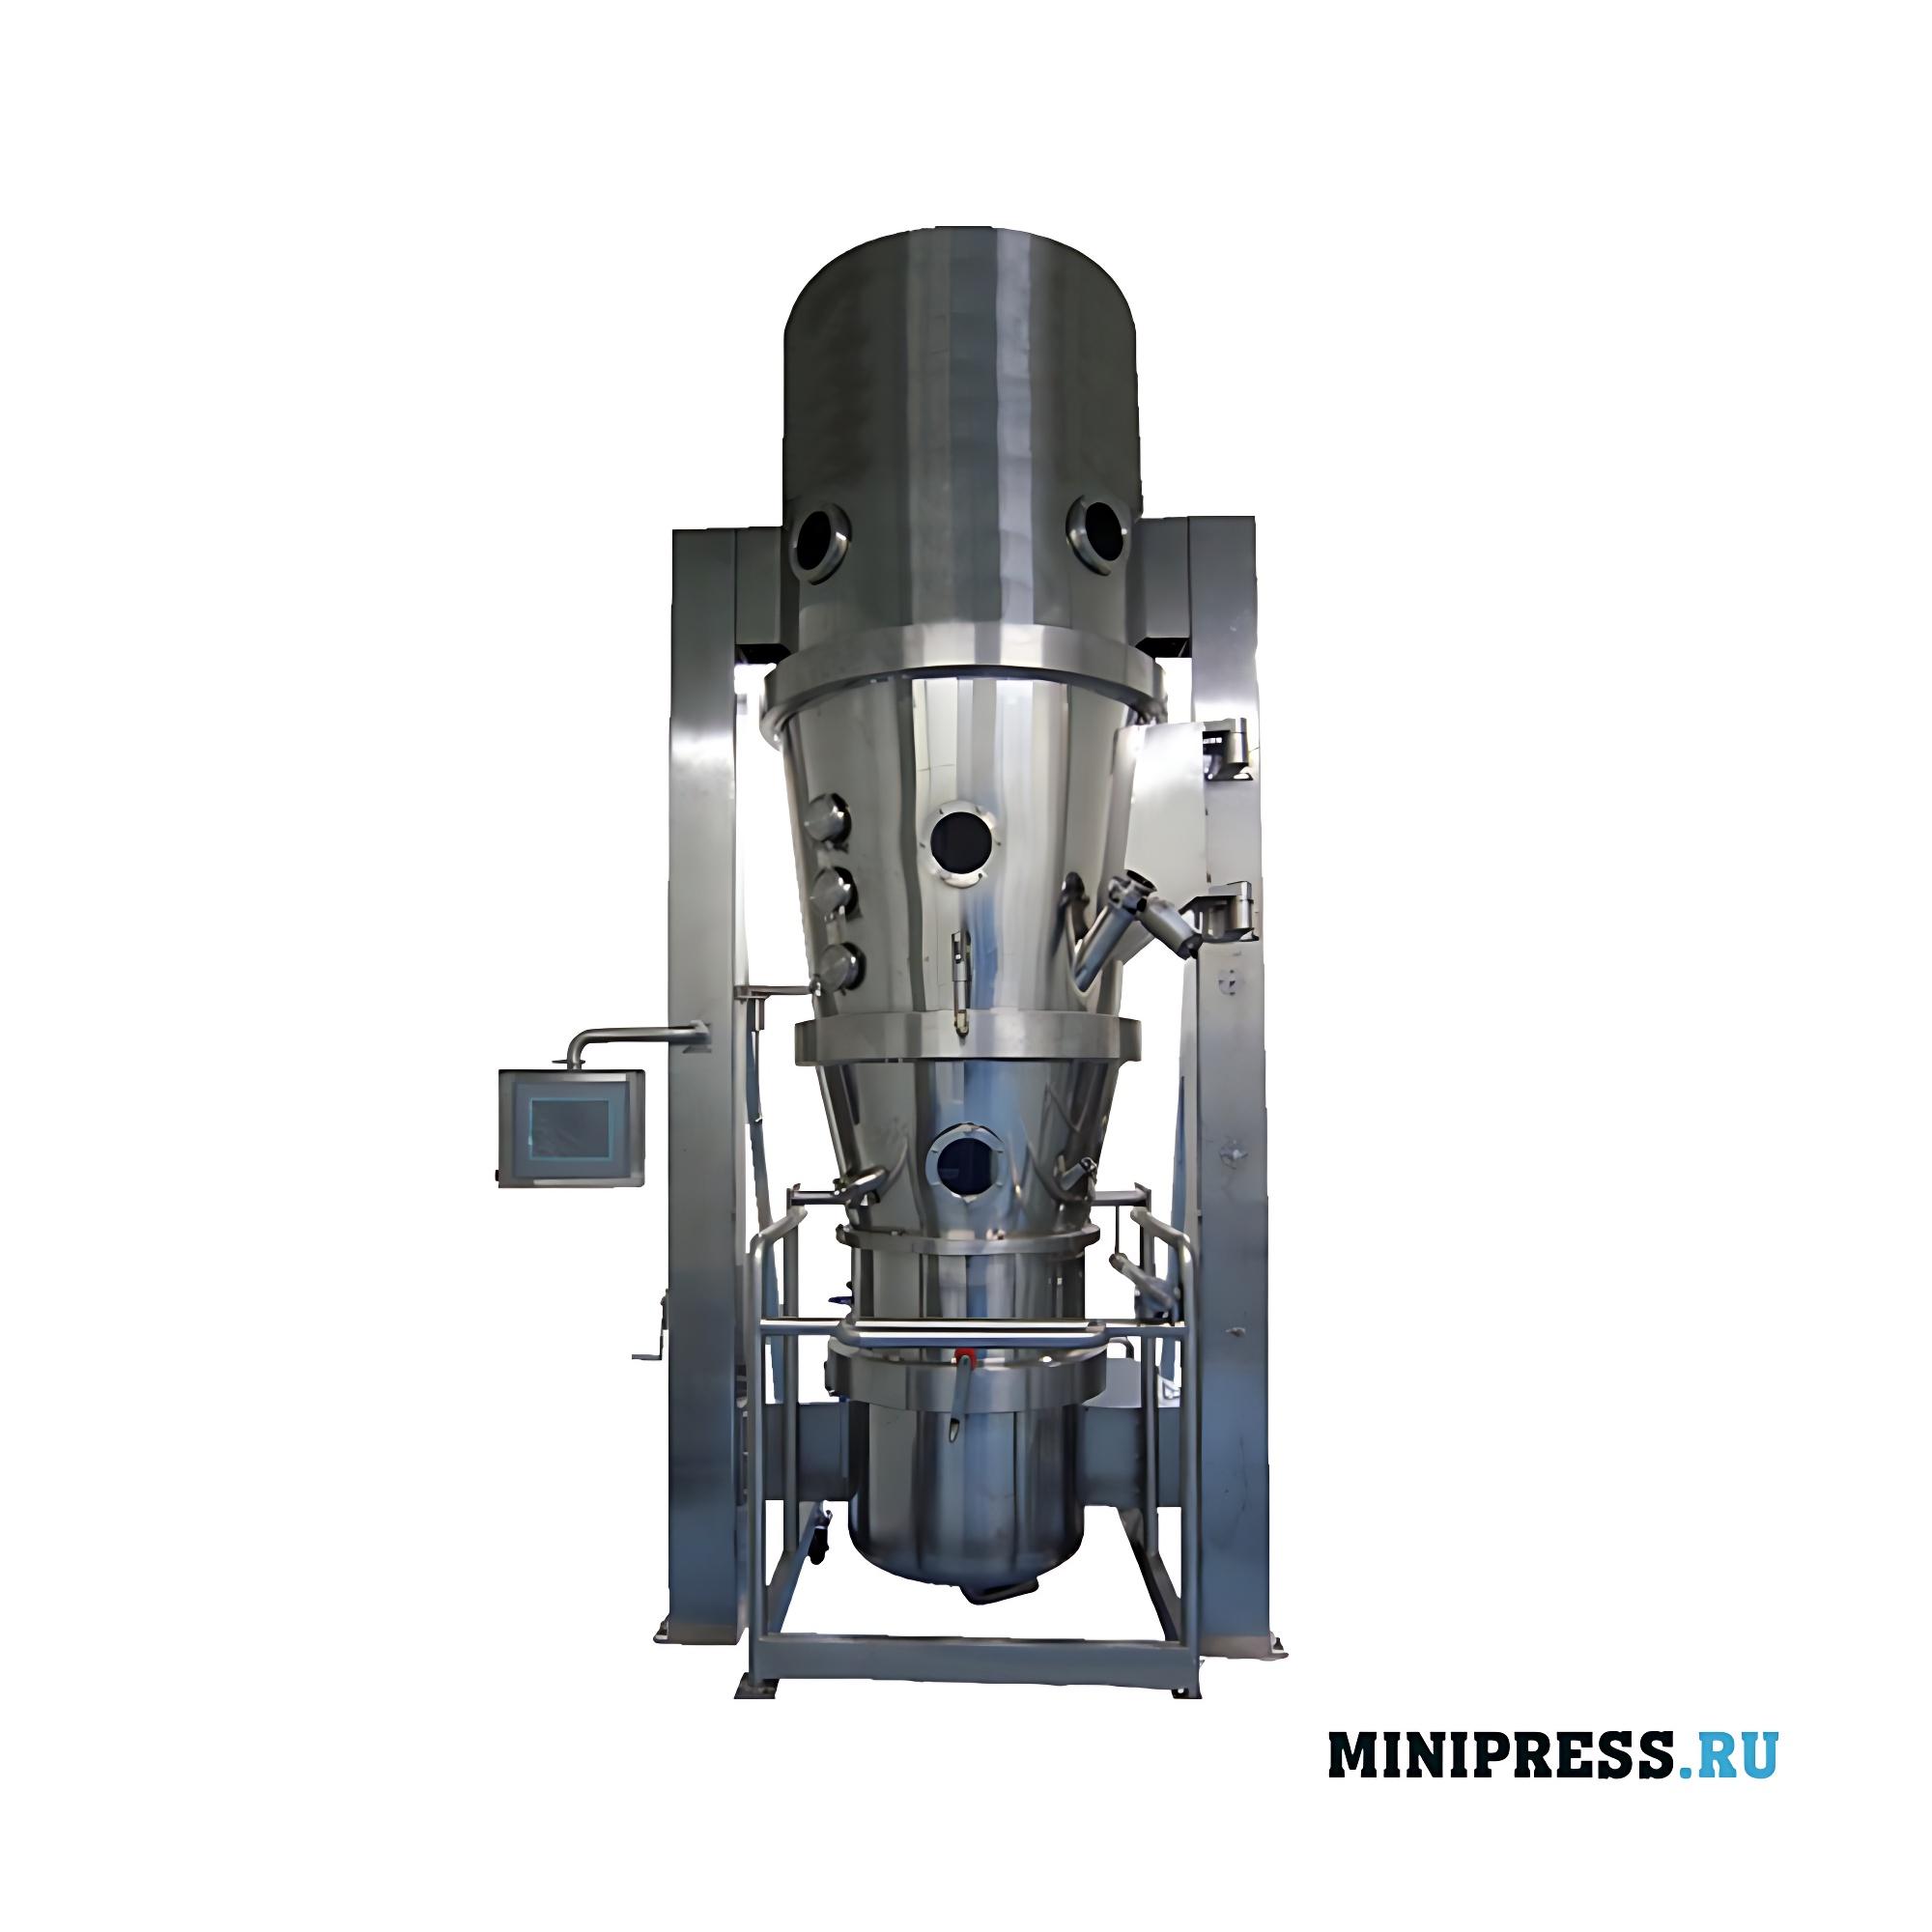 Мультифункциональное оборудование для нанесения покрытия на гранулы